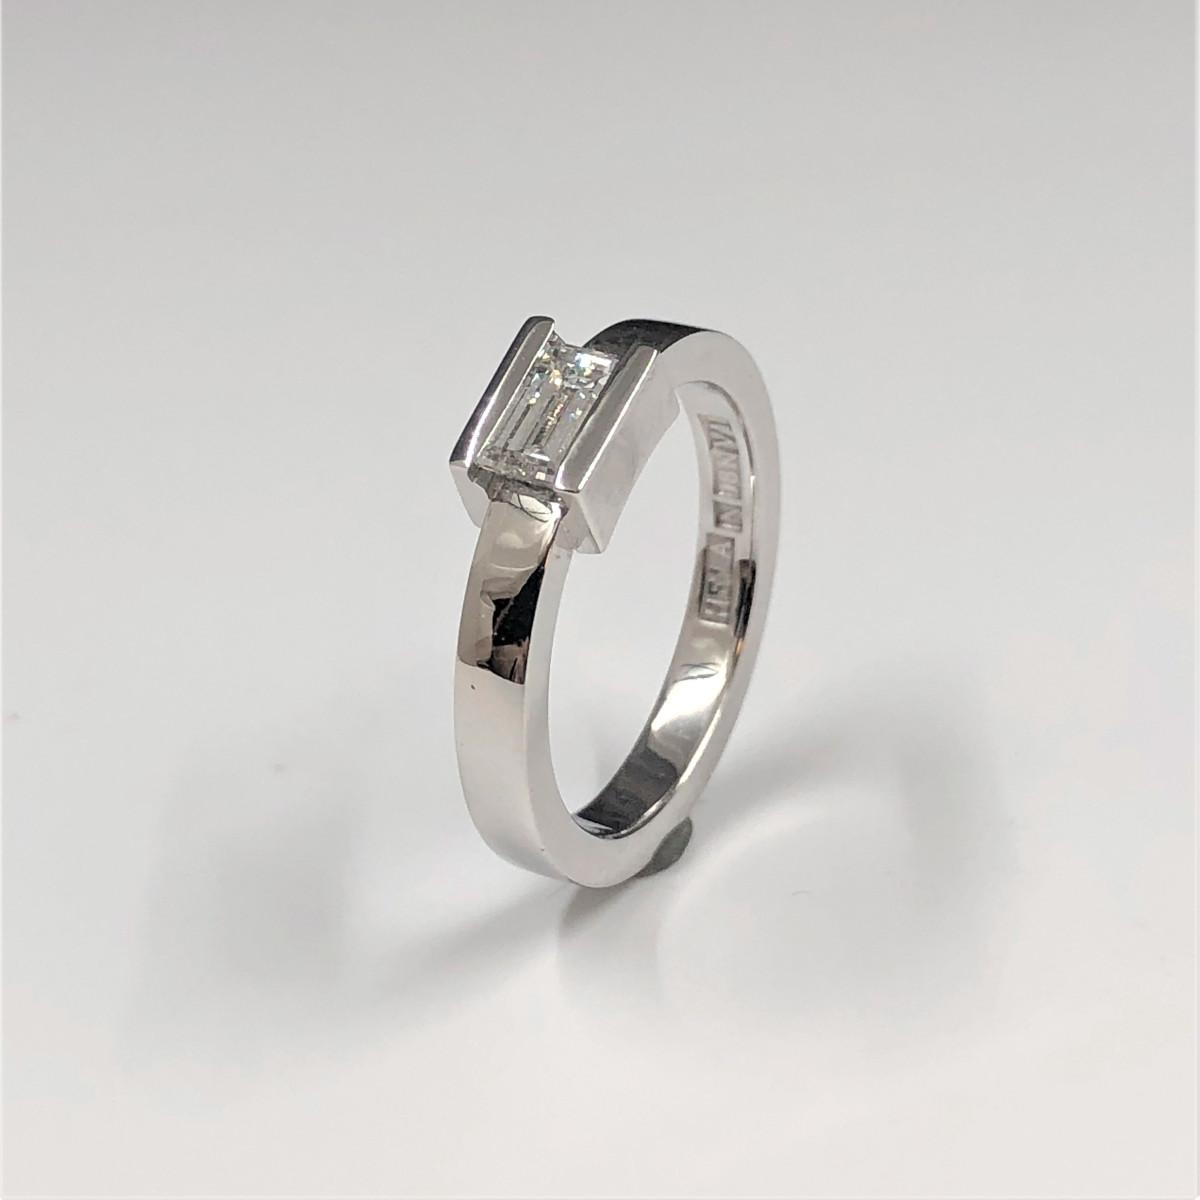 Avlång diamant, baugettslipning, vitguldsring, solitärring